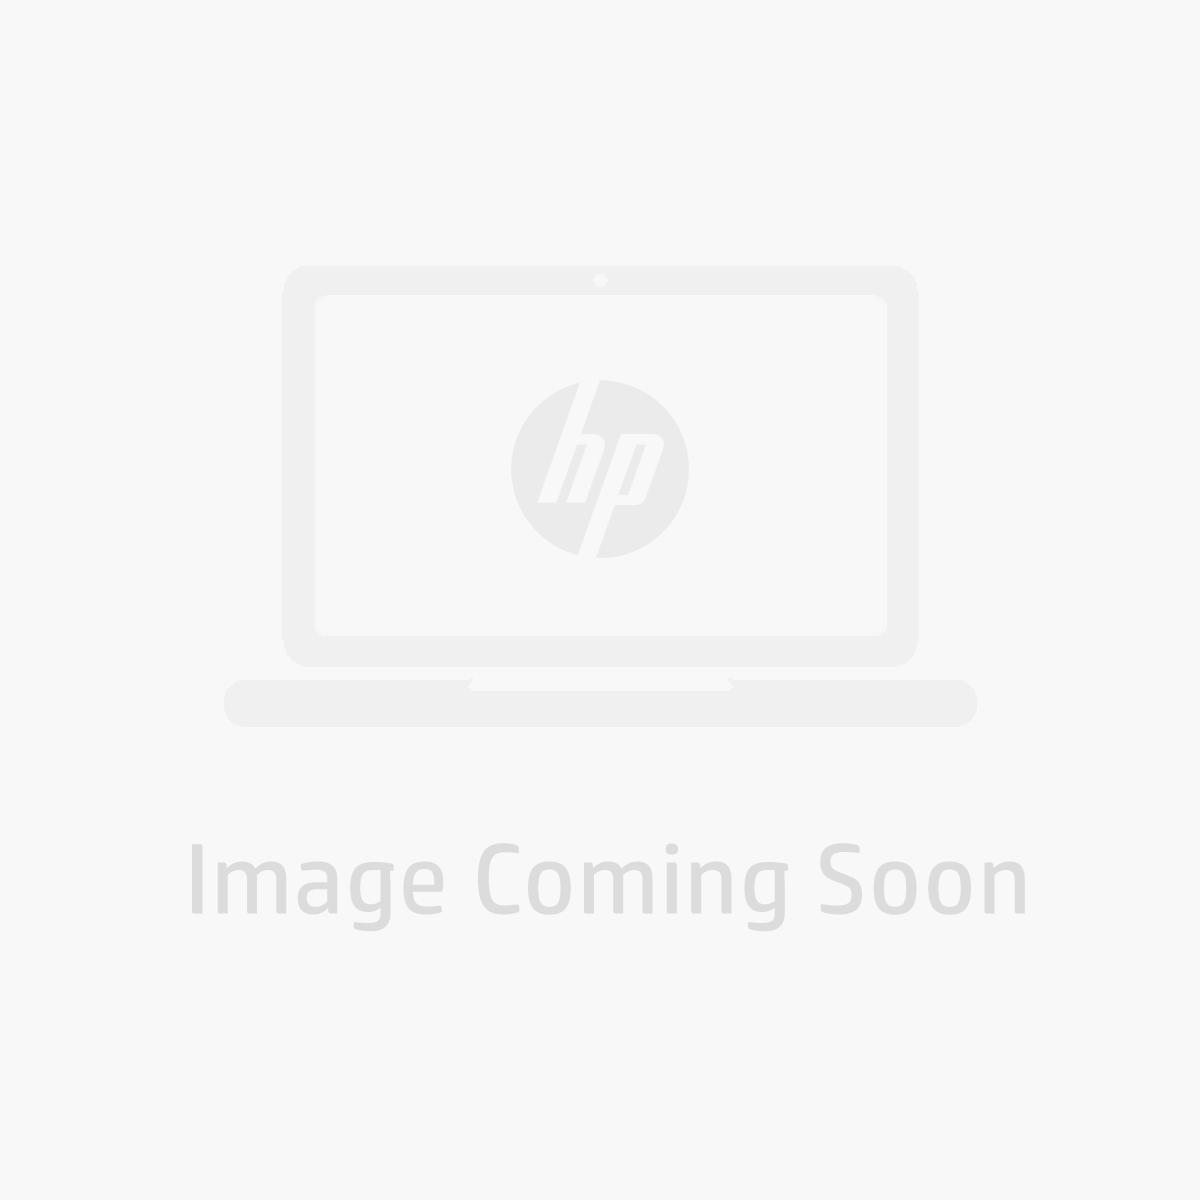 HP C6020 Wireless Desktop